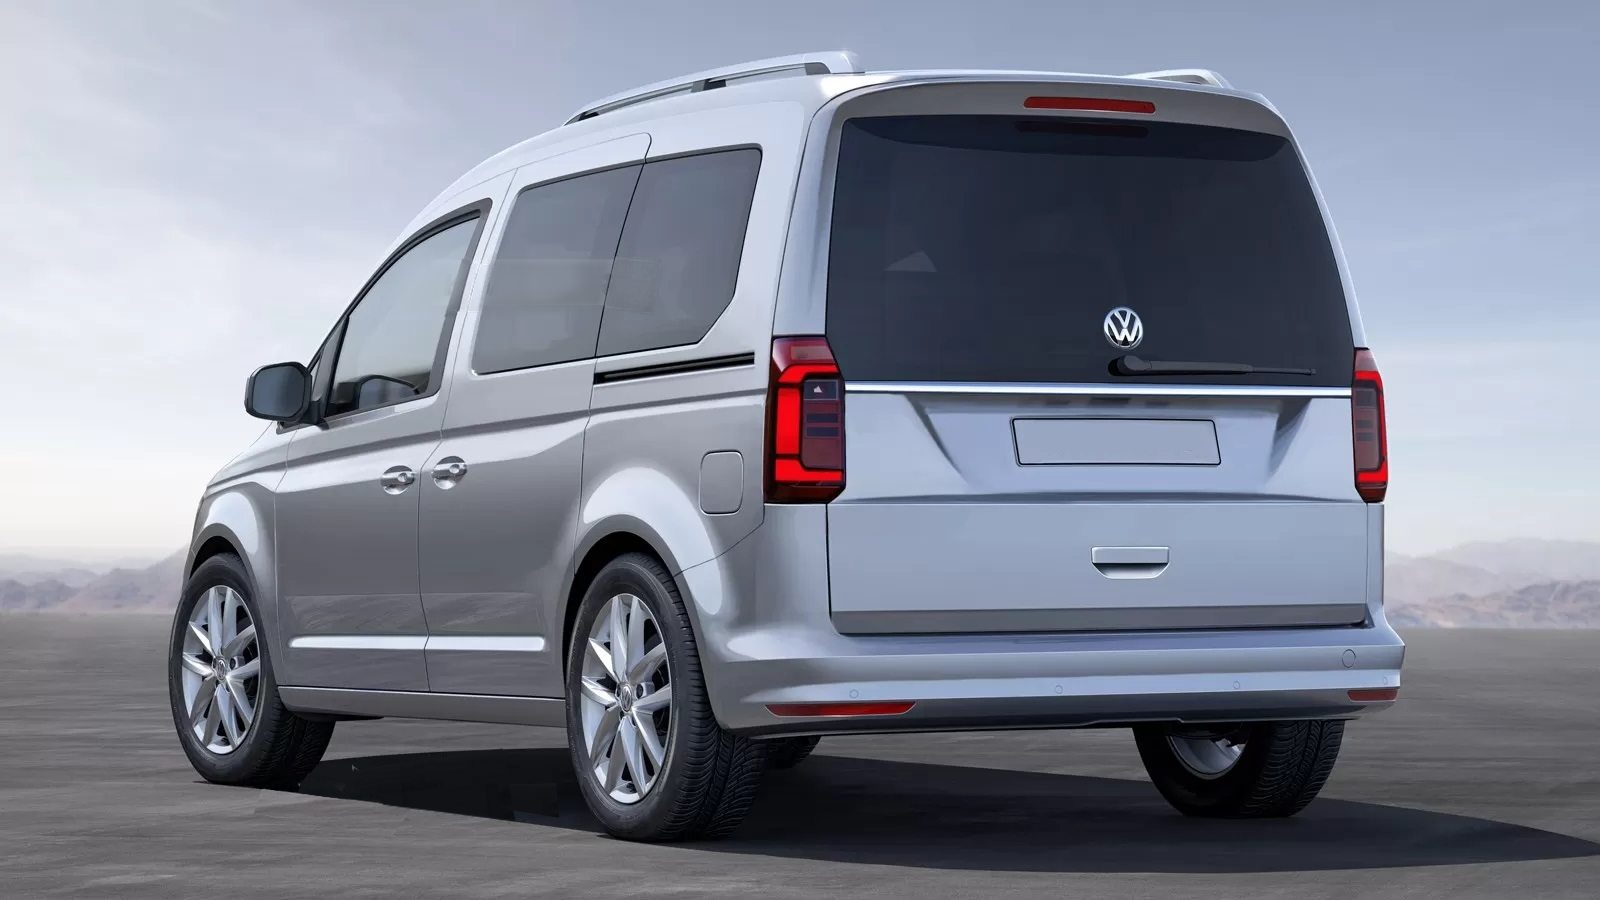 На днях в Сети стали доступны шпионские фотографии проекта Volkswagen Caddy следующего поколения.